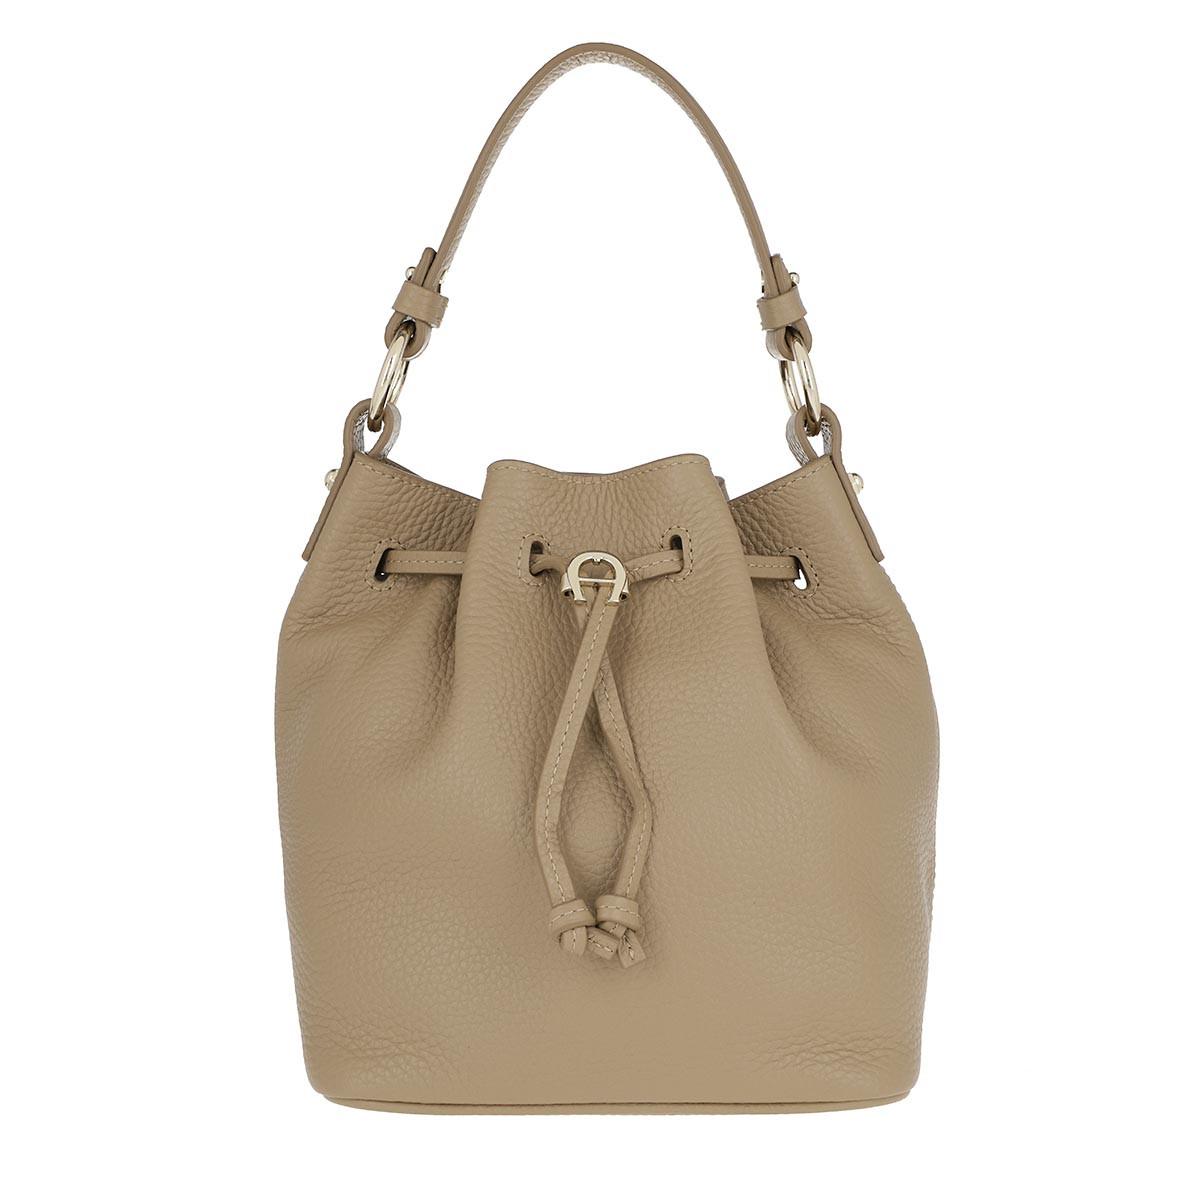 Aigner Beuteltasche - Tara Small Bucket Bag Cashmere Beige - in beige - für Damen